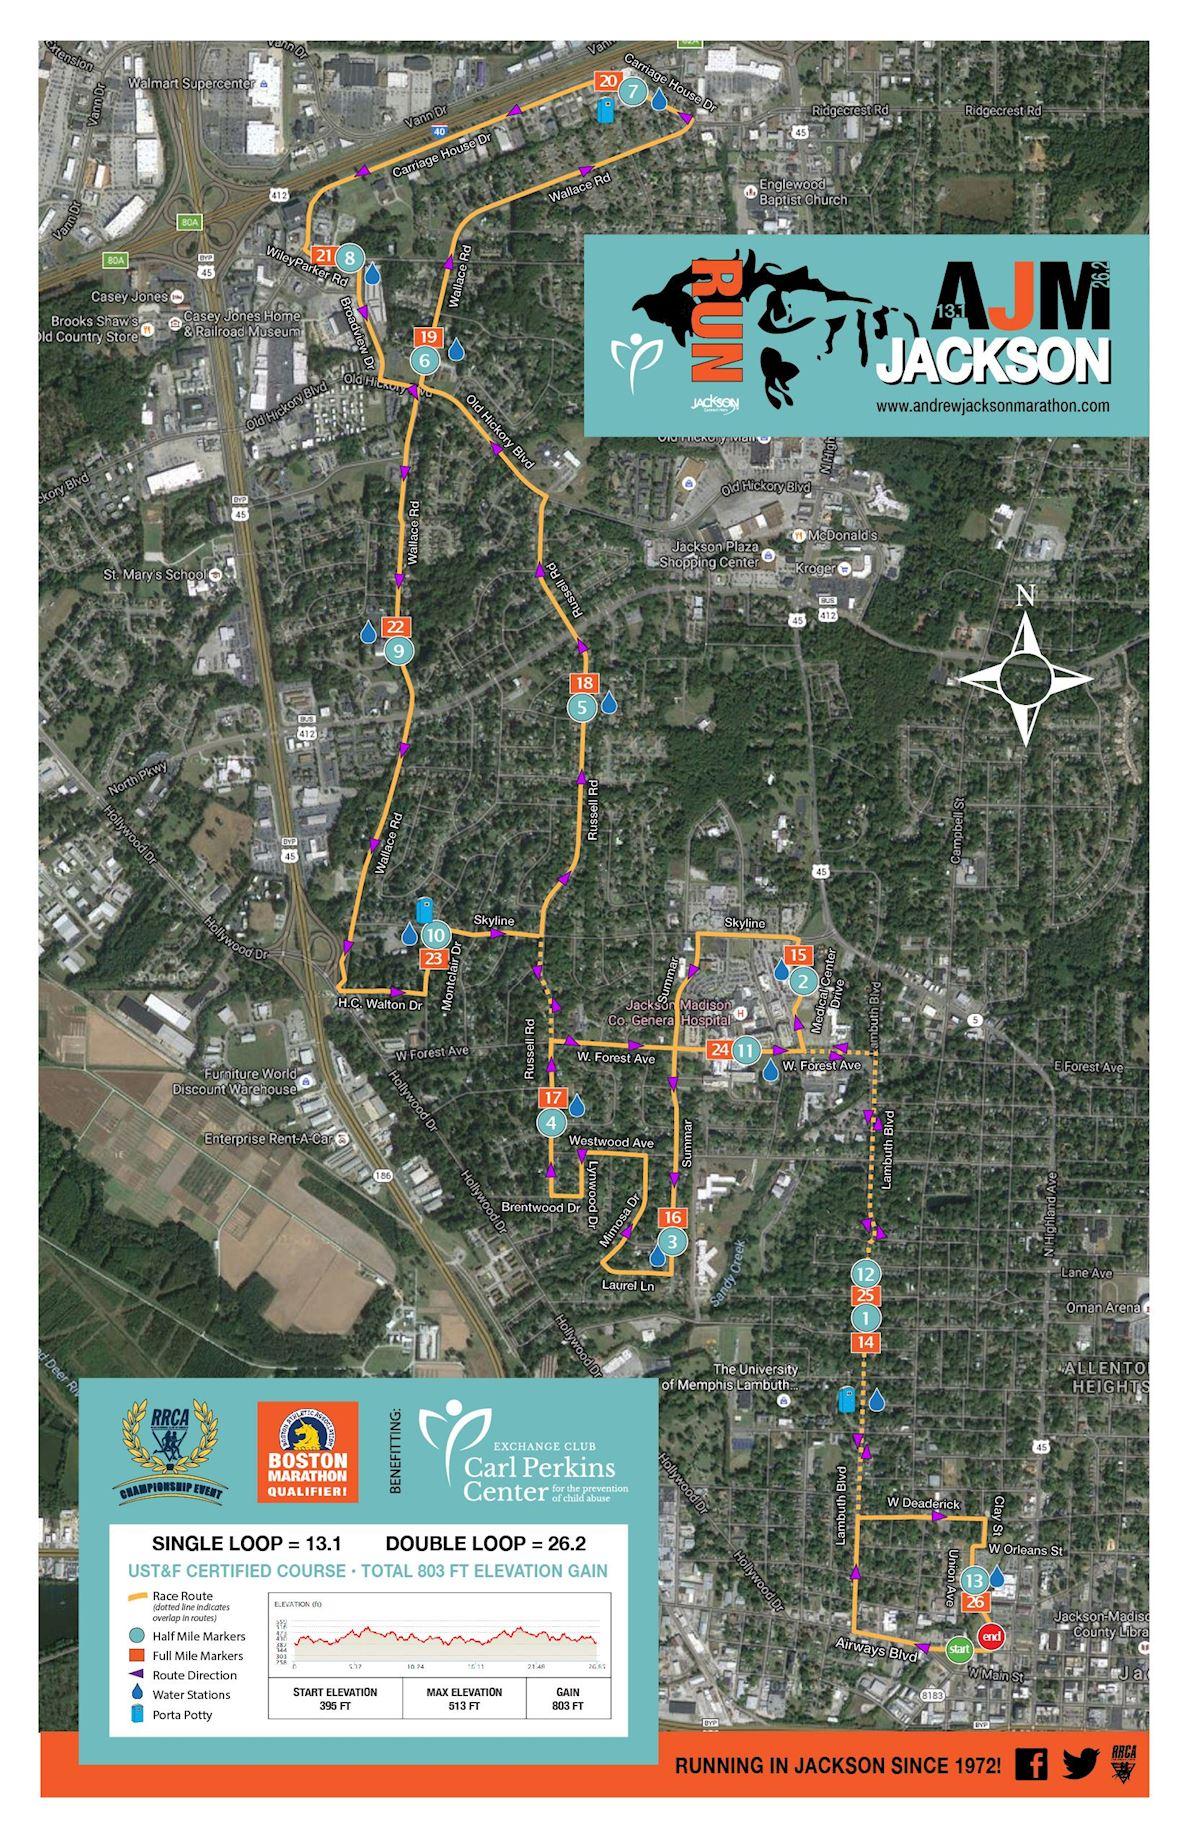 Andrew Jackson Marathon, Half Marathon & 5K Run MAPA DEL RECORRIDO DE